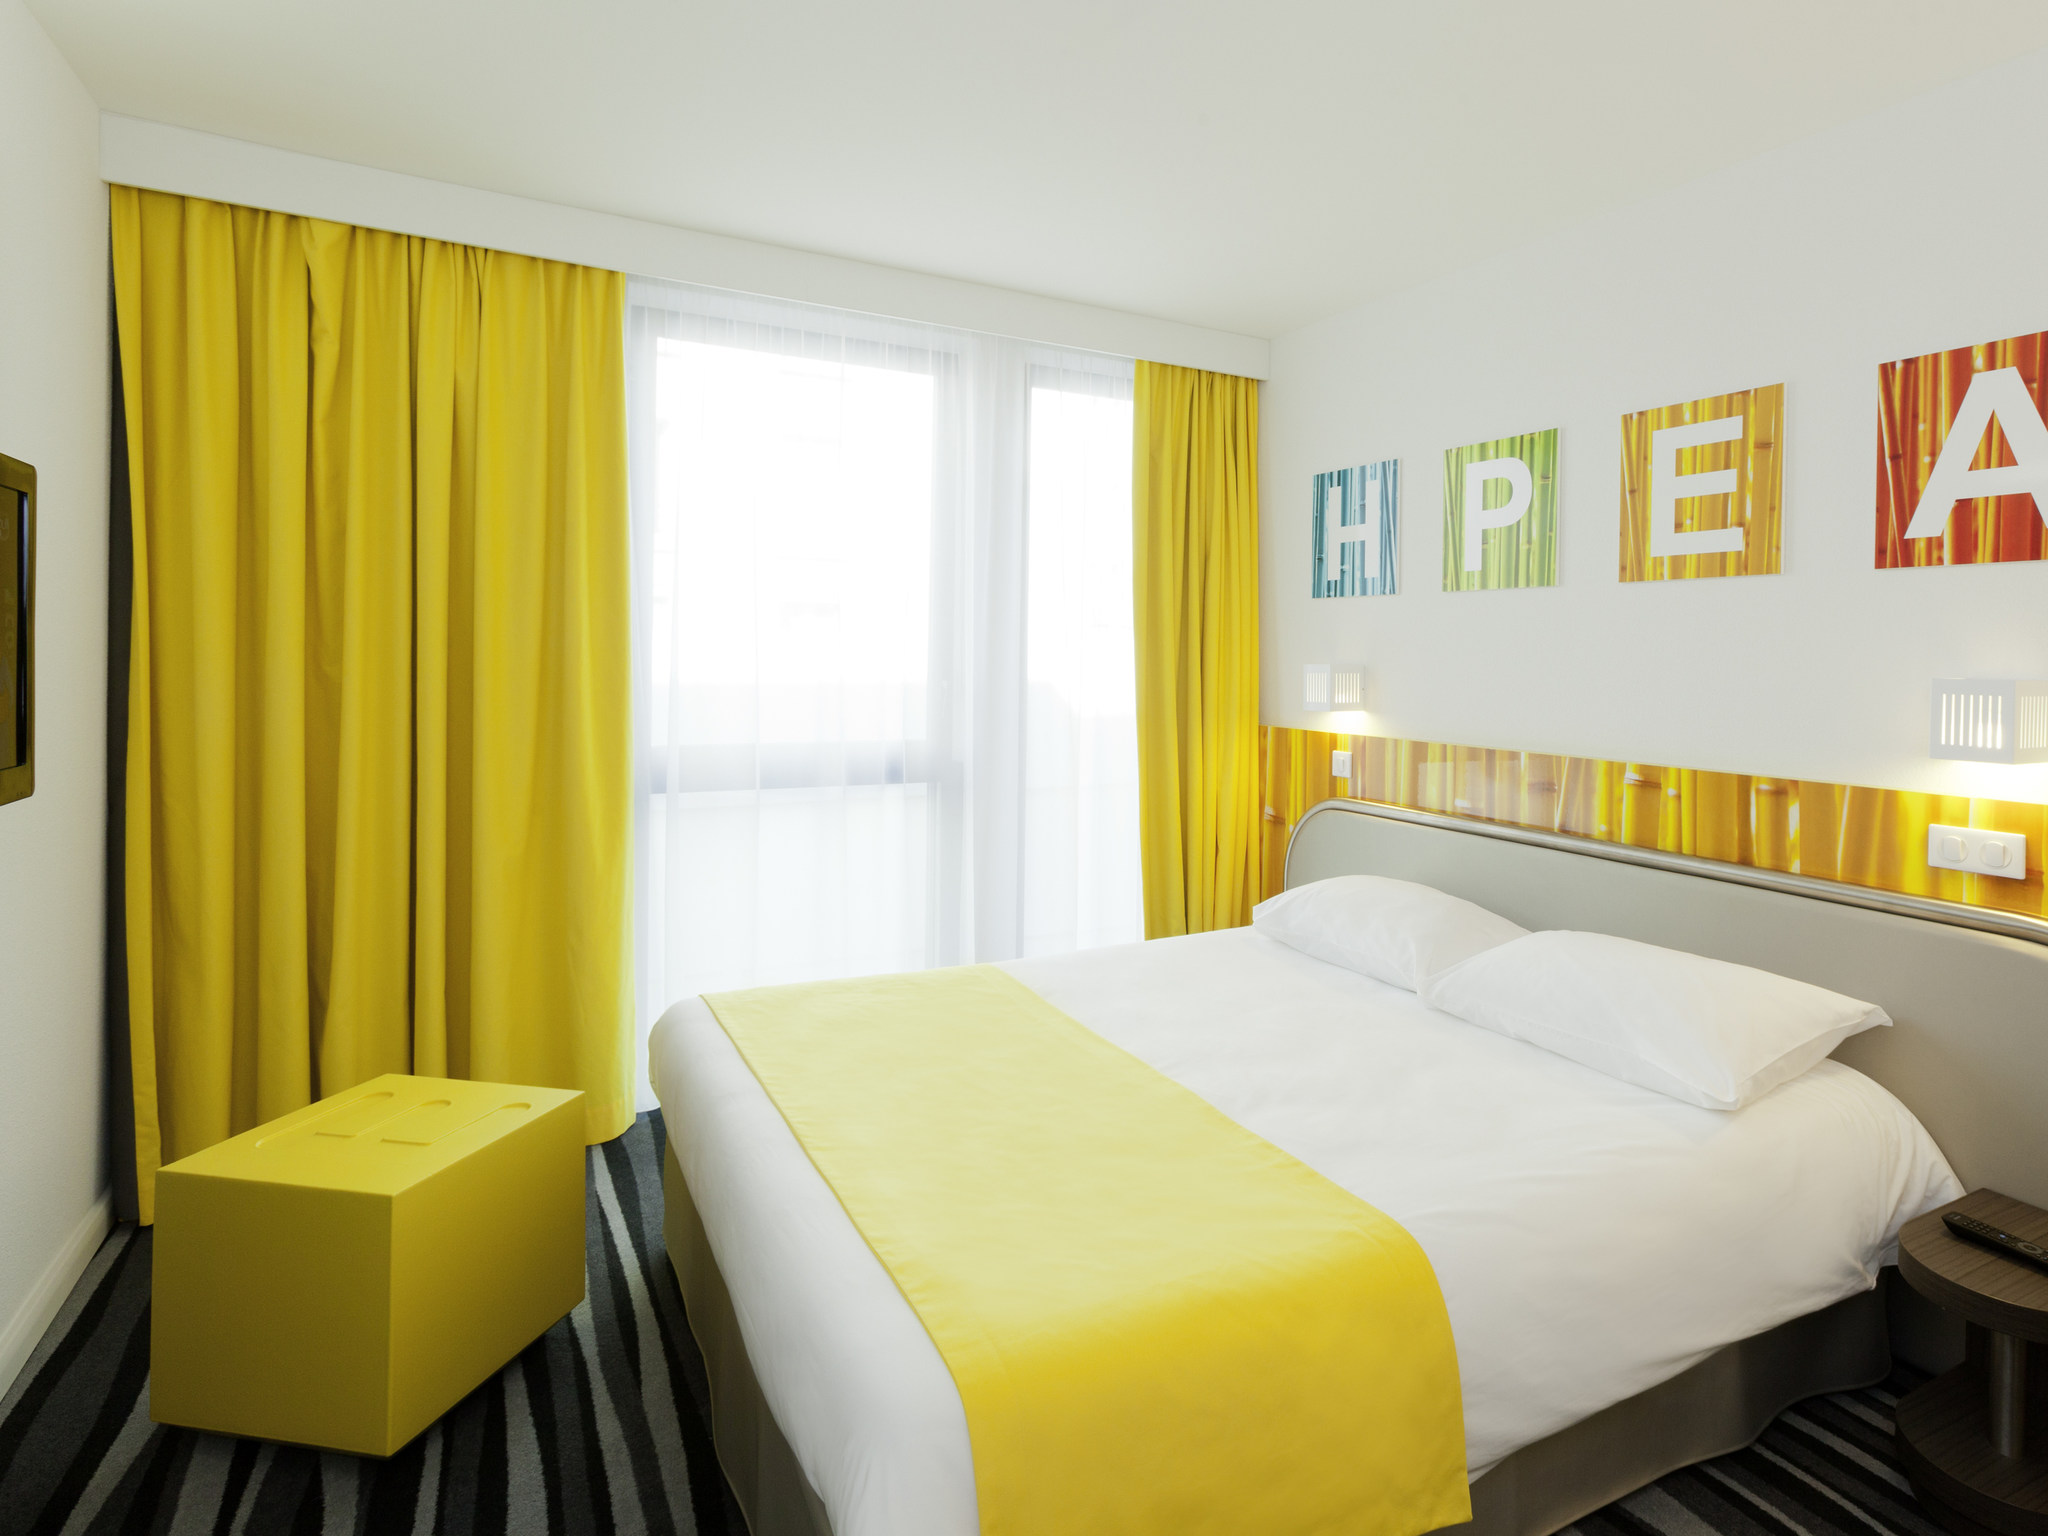 酒店 – 宜必思尚品巴黎奥尔良门酒店